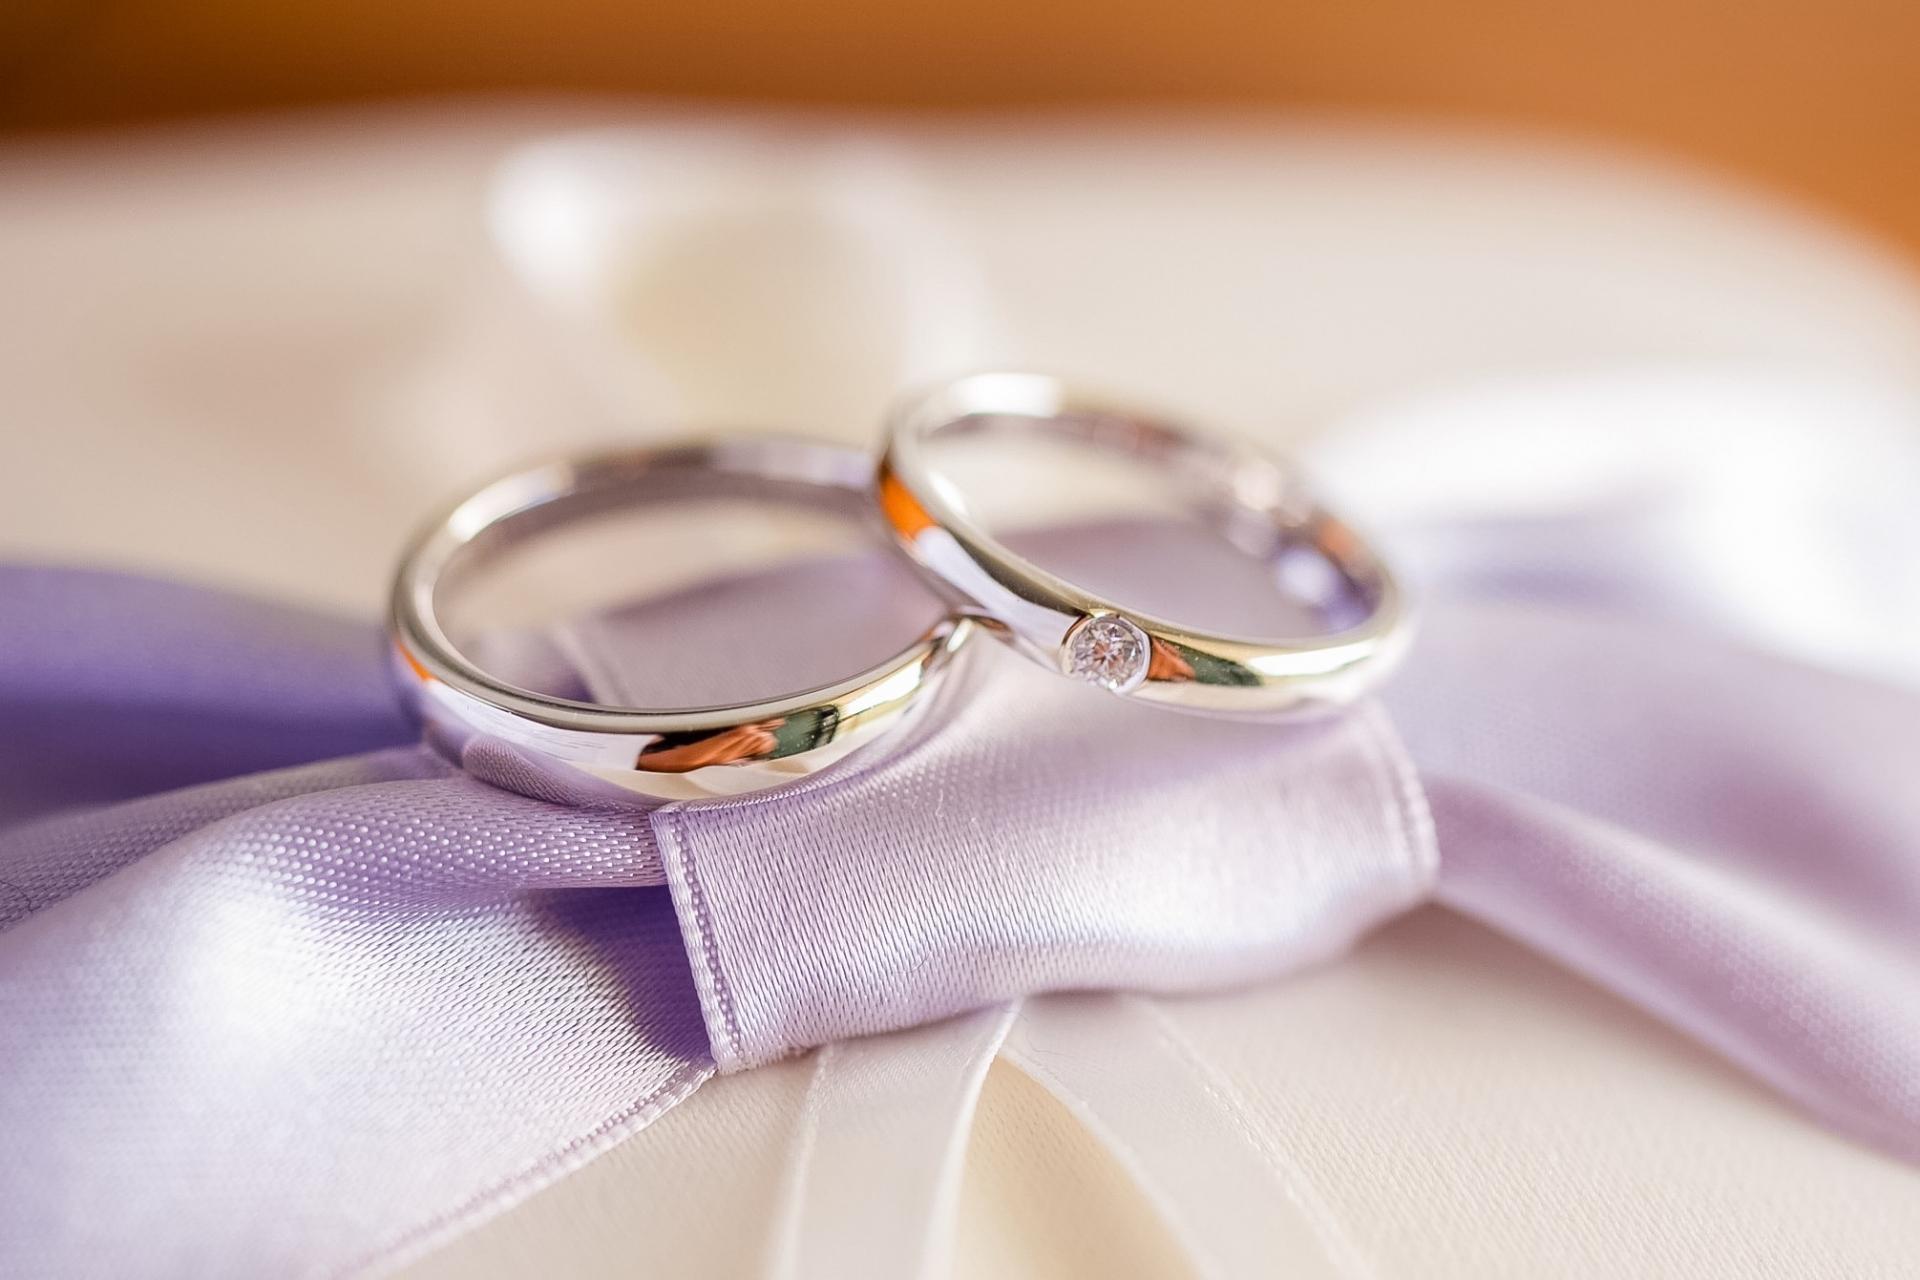 男性の介護士に適したお勧めの婚活の方法について